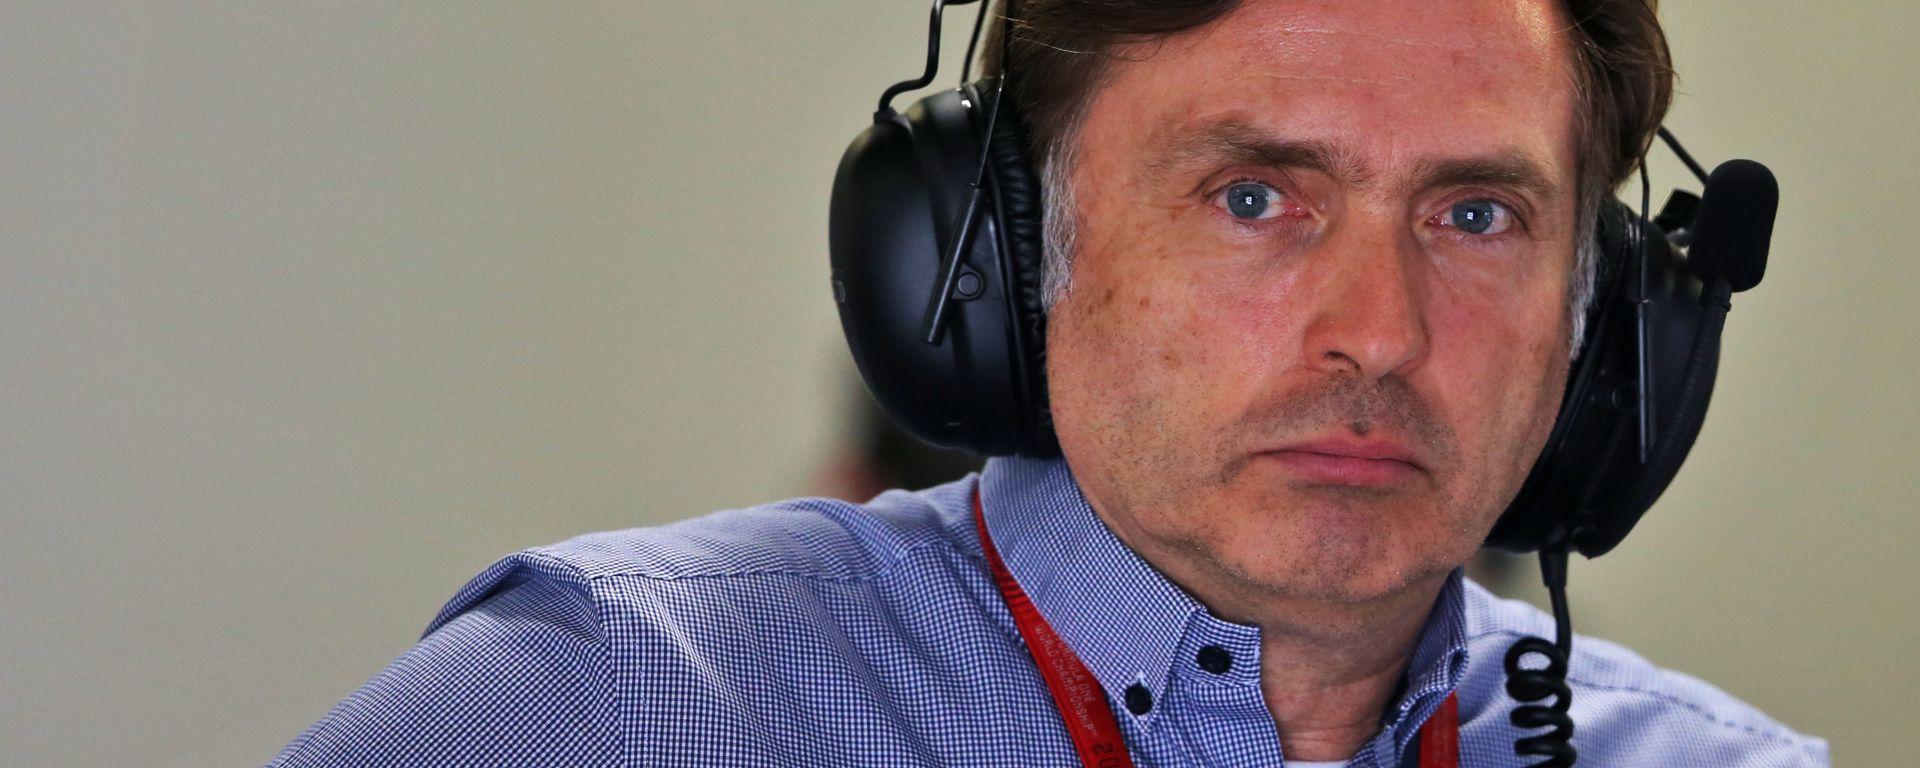 Jost Capito, nuovo CEO della Williams, ai tempi del team McLaren nel 2016